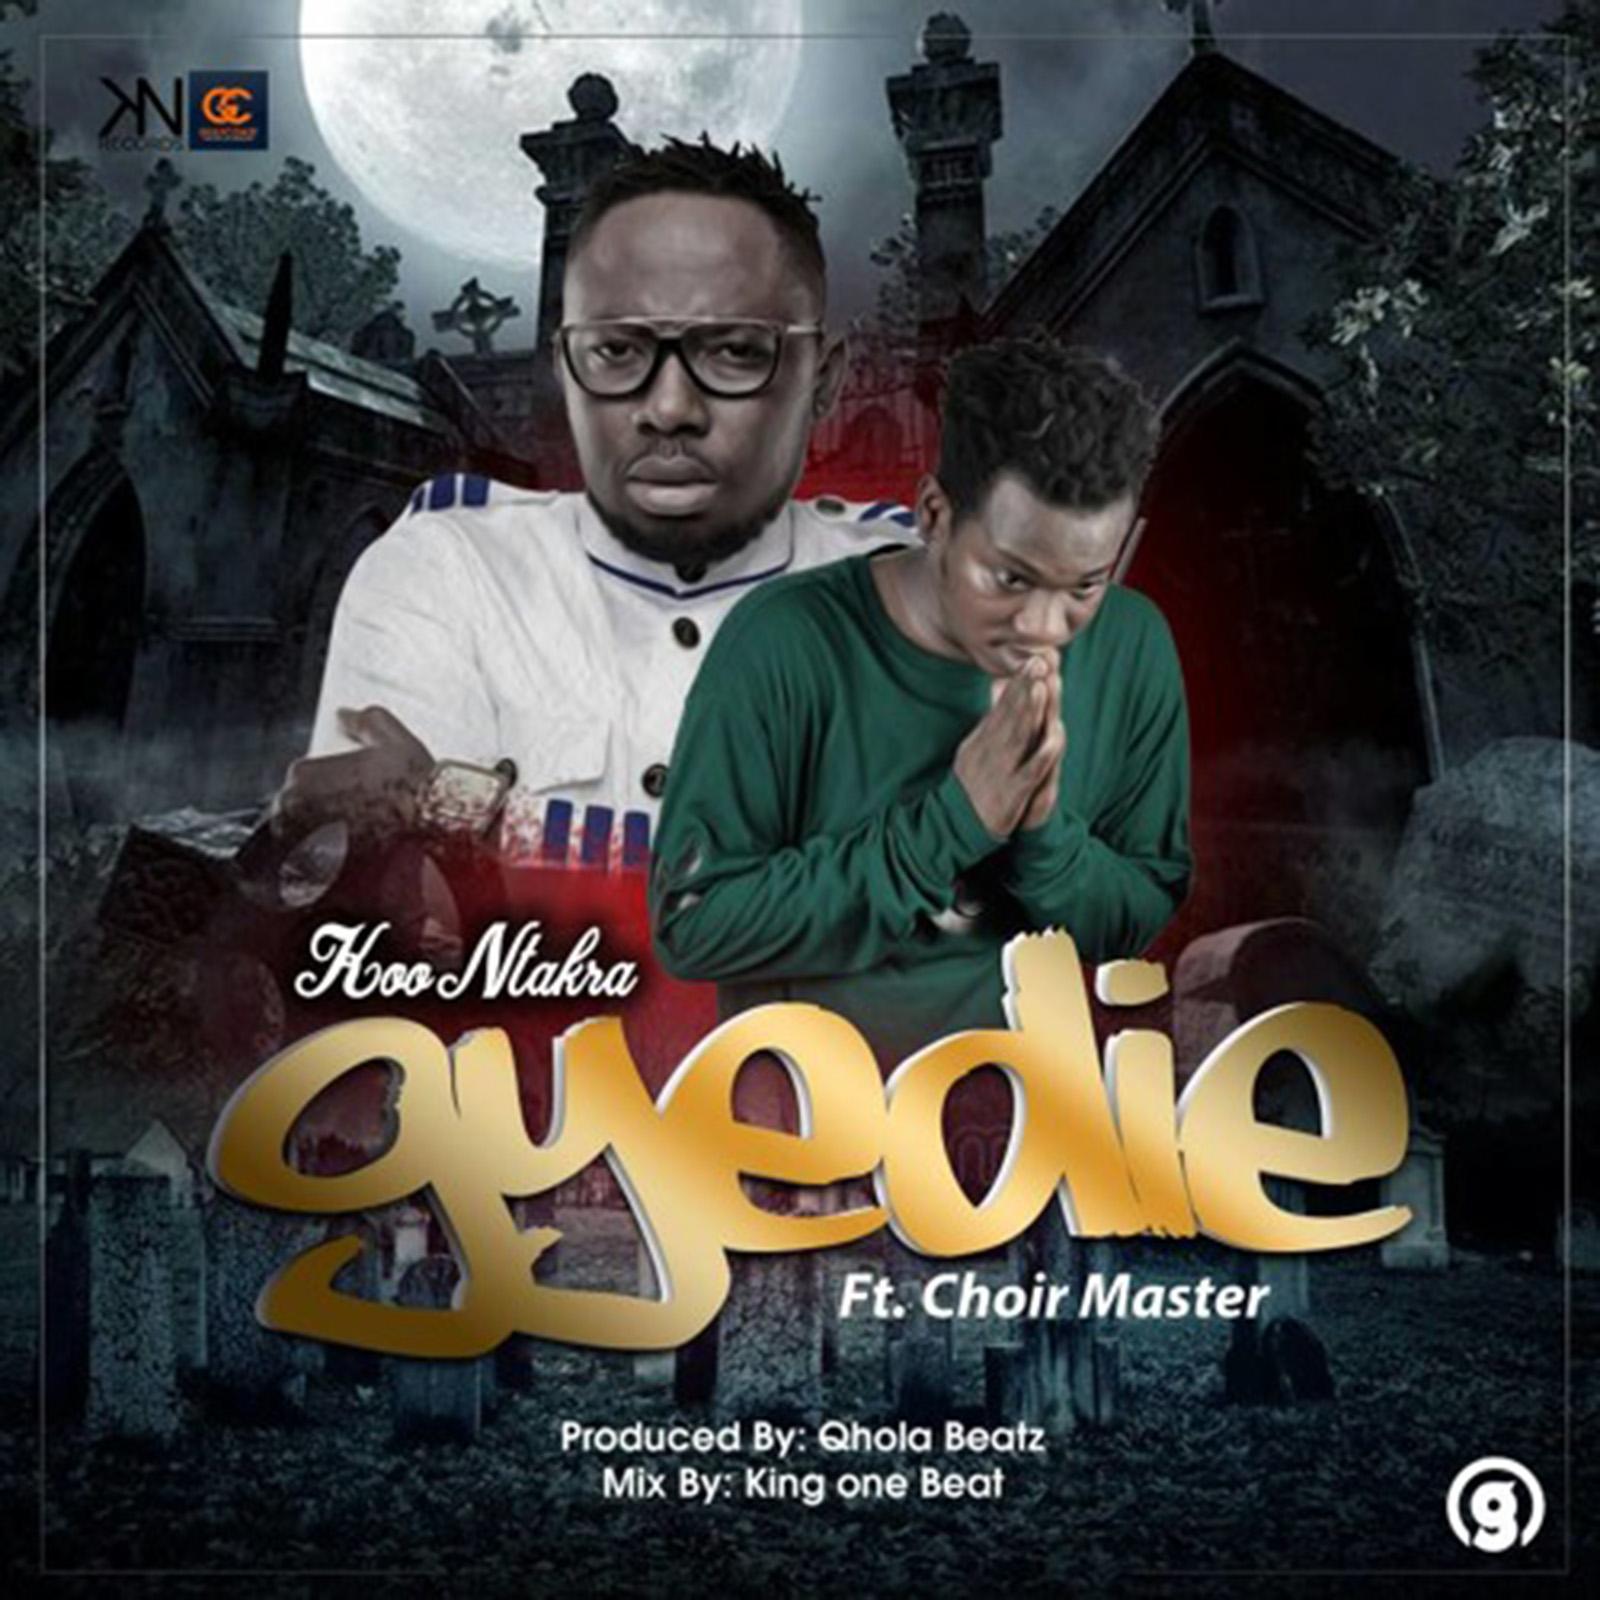 Gyedie by Koo Ntakra feat. Choirmaster